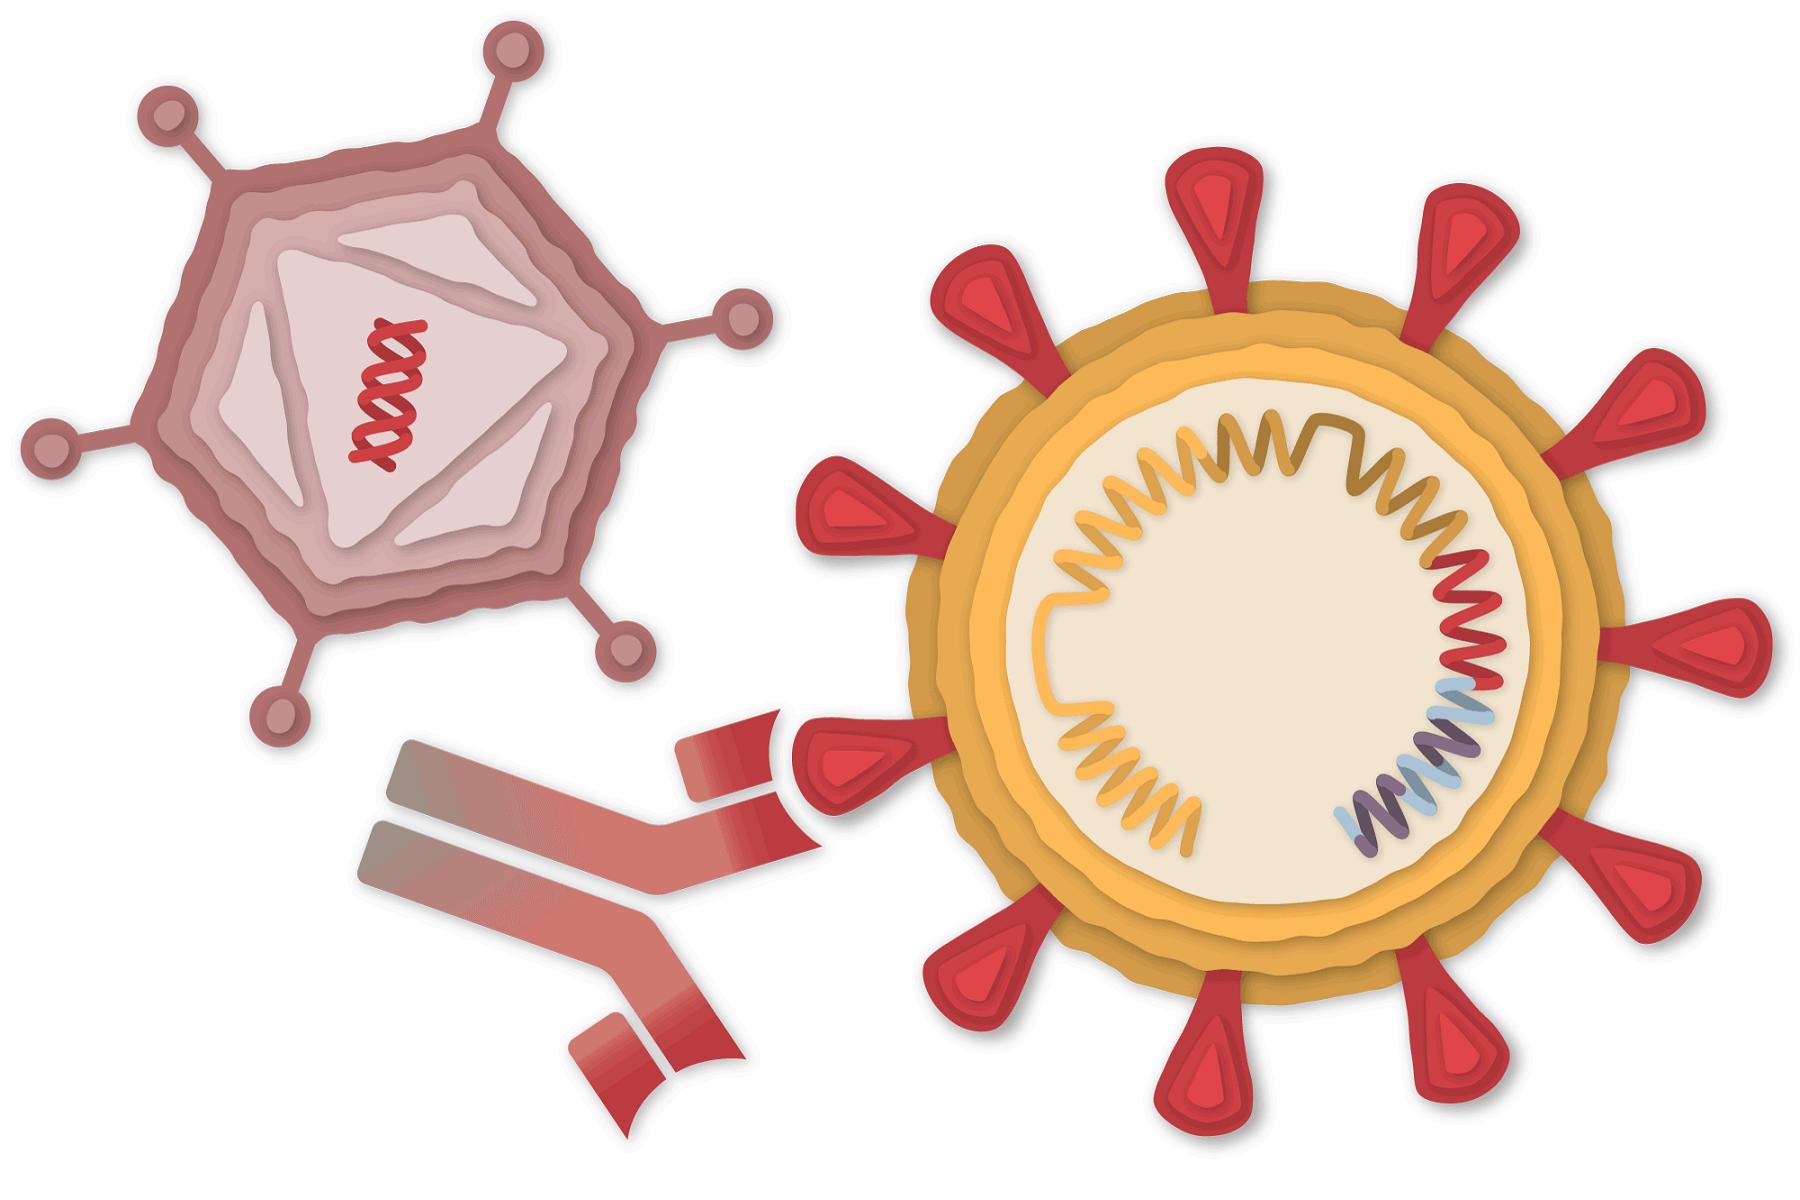 Πνευμονία COVID-19:Ελληνική πρόταση για την αντιμετώπιση της πνευμονίας COVID-19